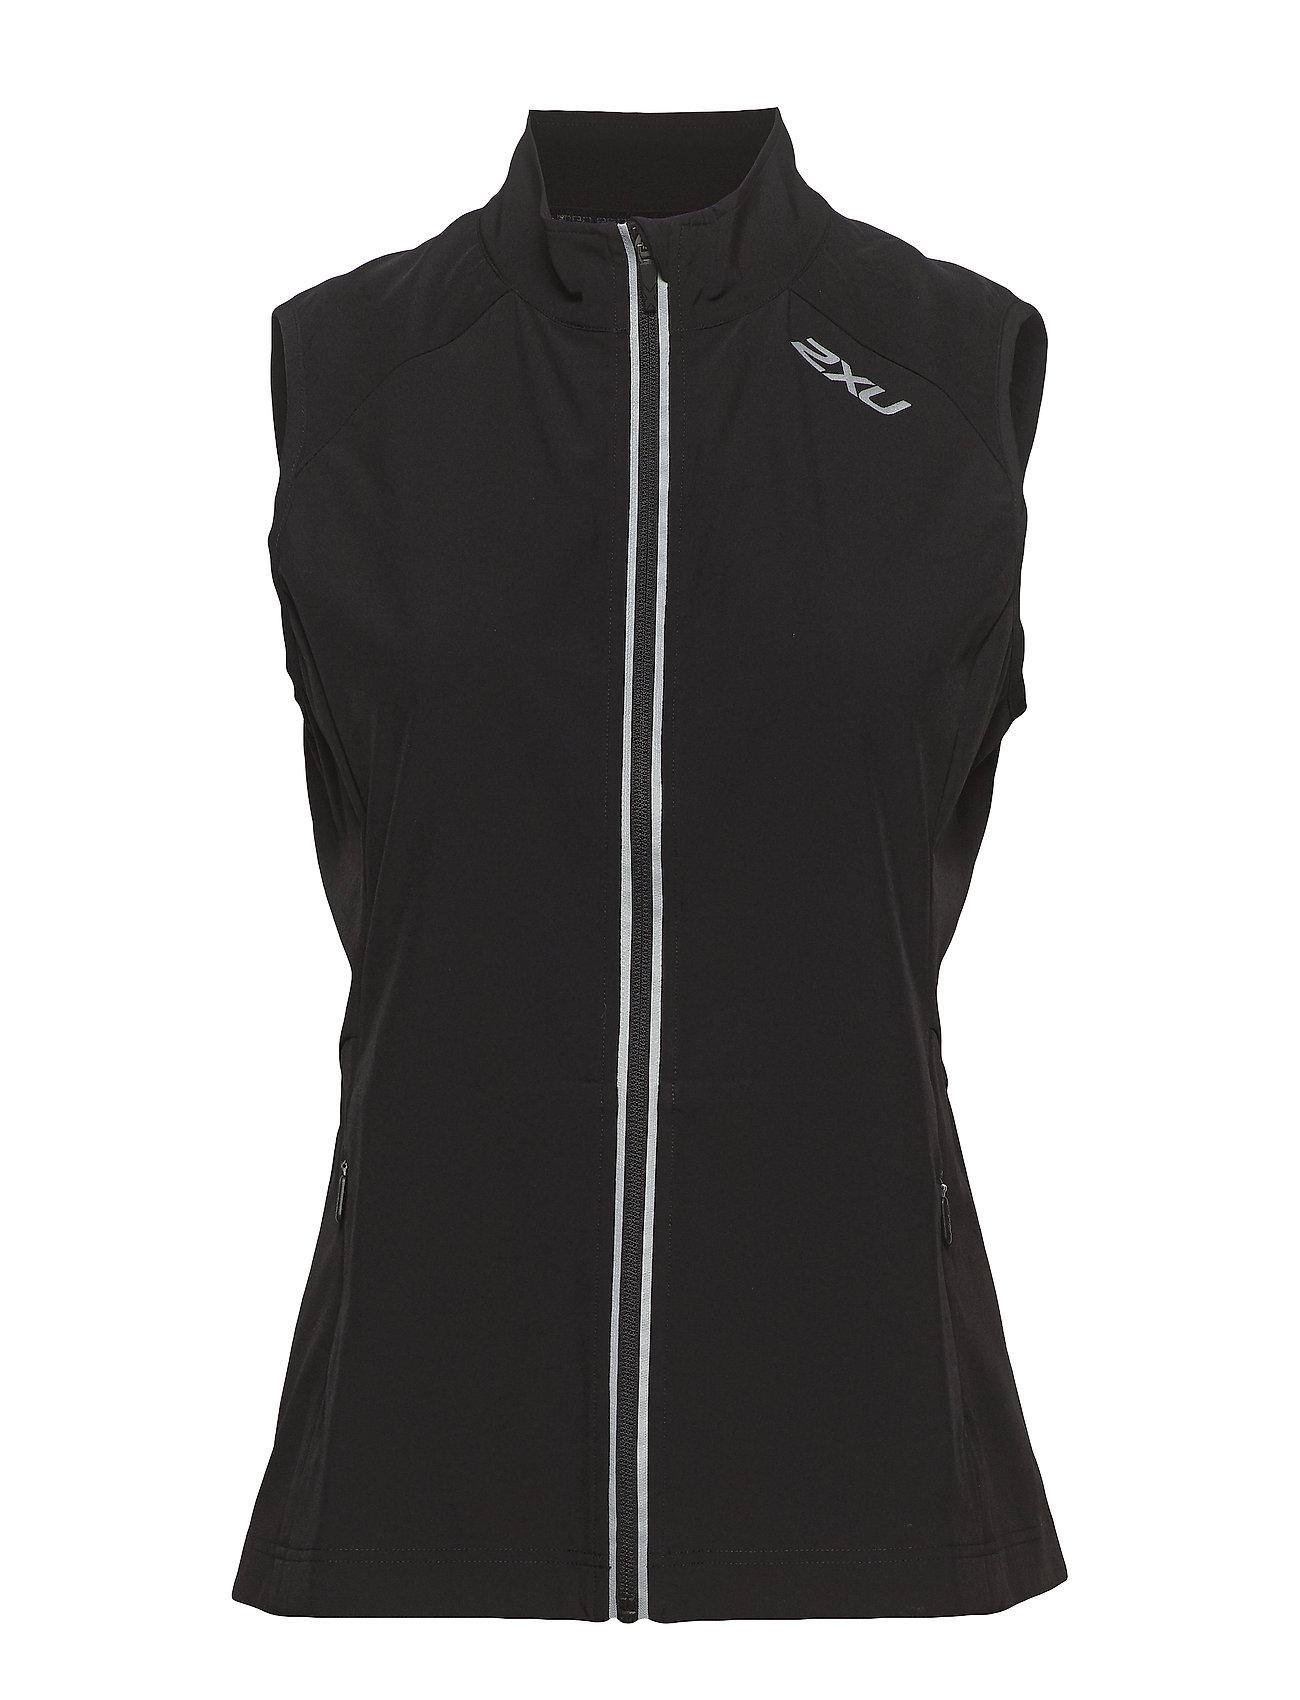 2XU X-VENT Run Vest-W